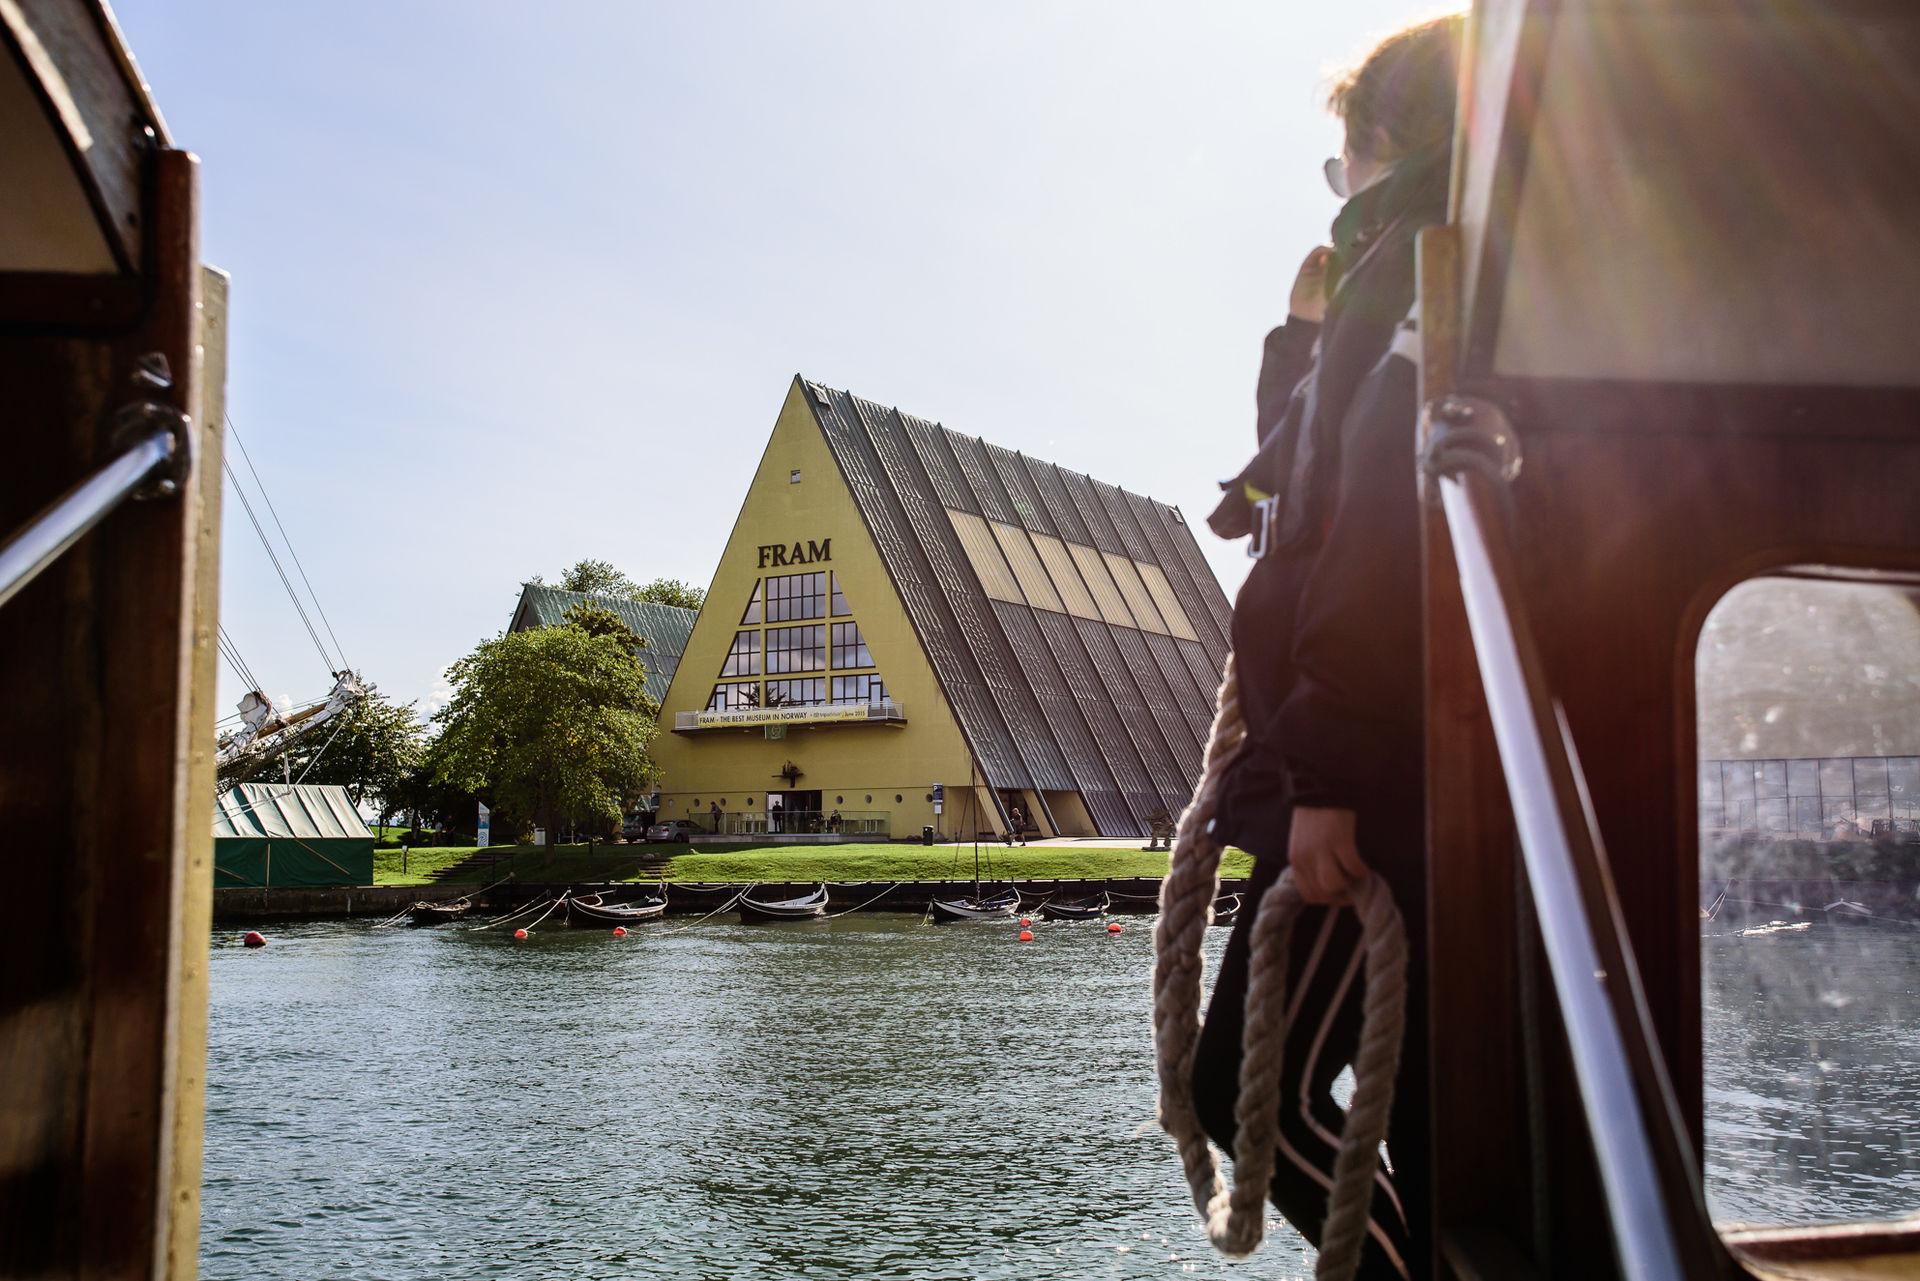 museo-fram-oslo-noruega-2017-204-95.jpg